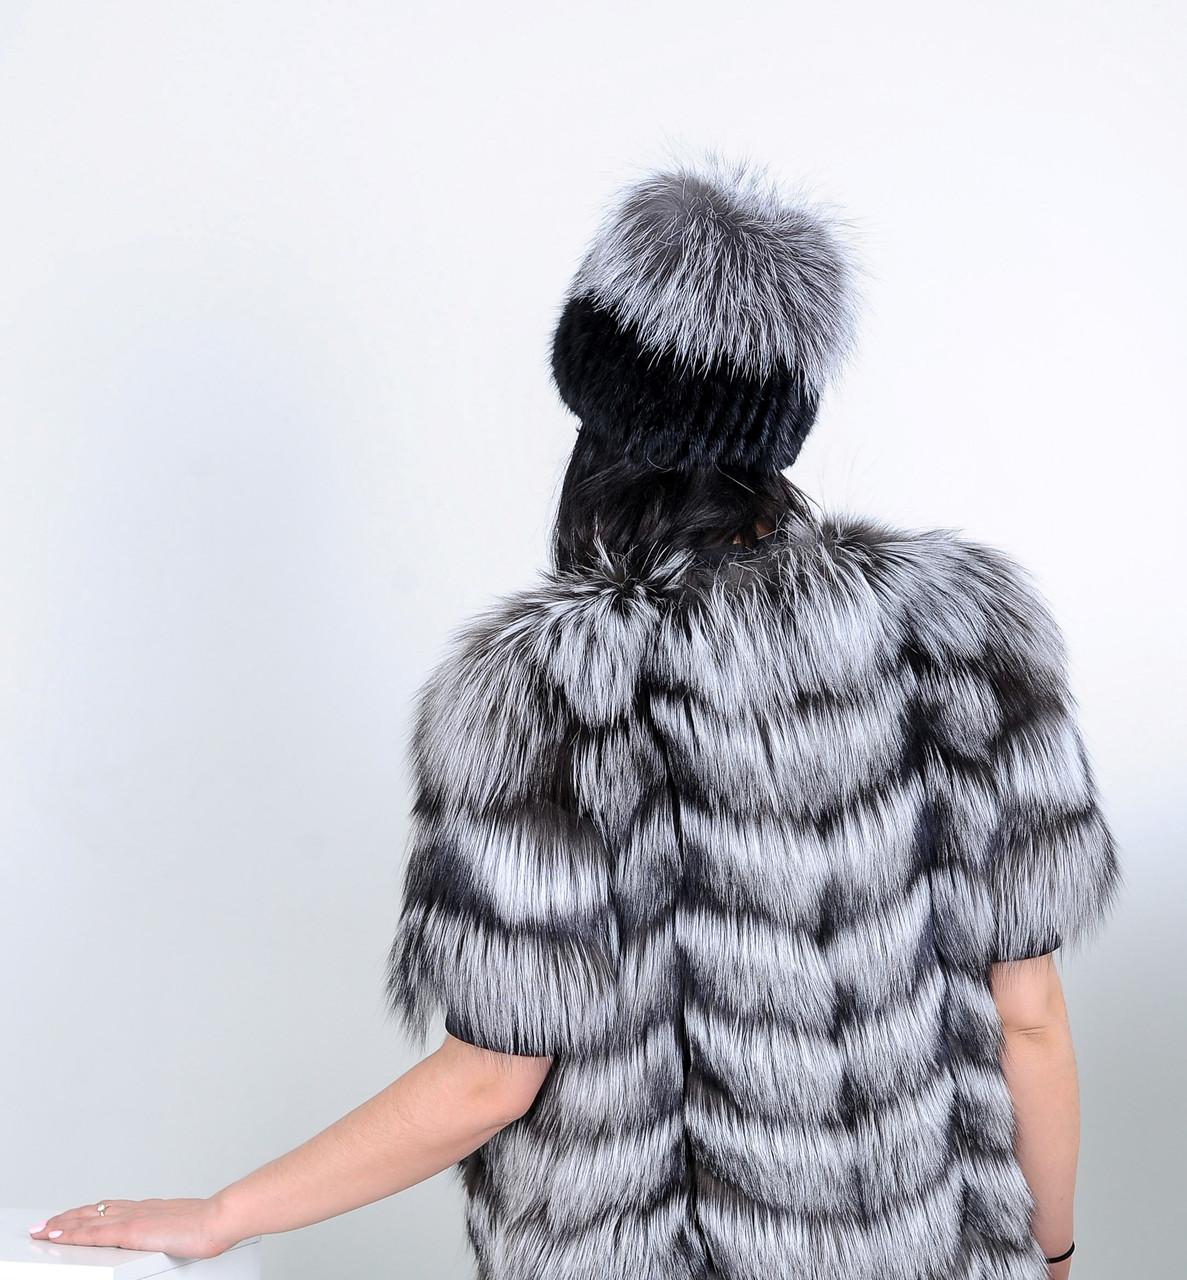 Меховая шапка из Норвежской чернобурки, натуральный мех - фото 2